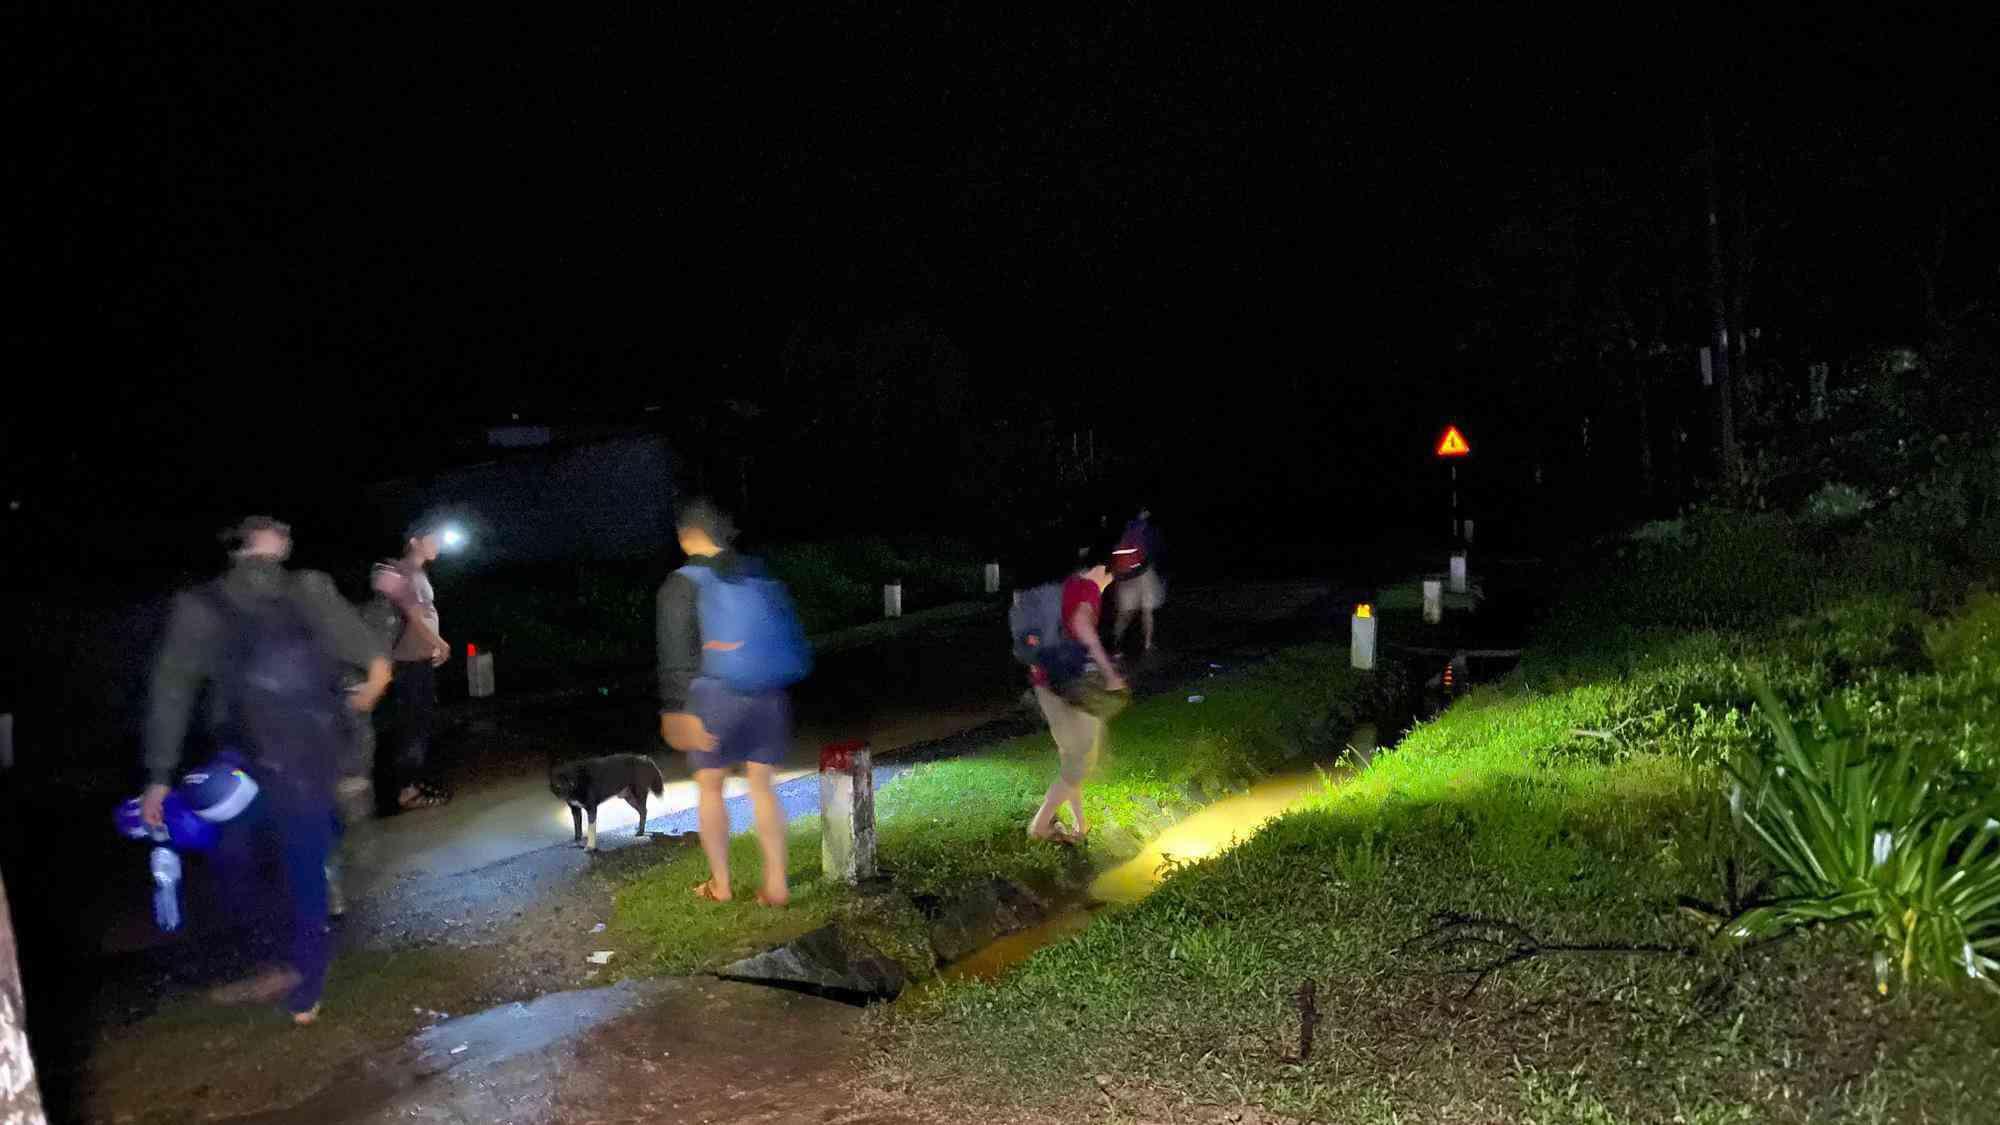 Lại xuất hiện tiếng nổ cạnh nơi tìm kiếm 22 cán bộ, chiến sĩ bị vùi lấp ở Quảng Trị - 4